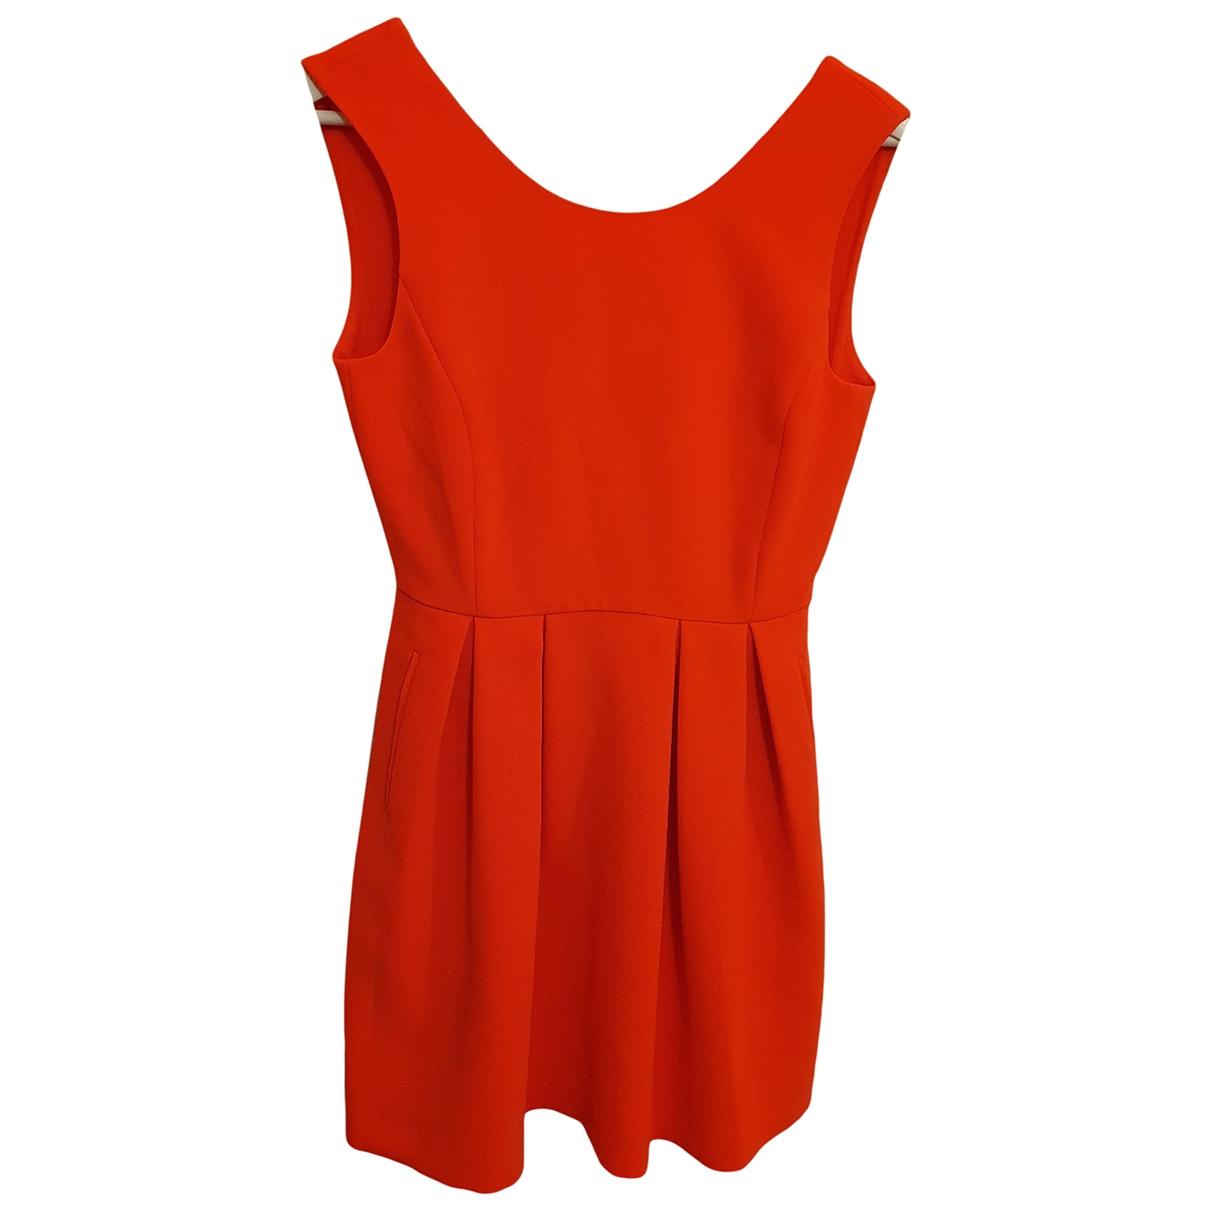 Claudie Pierlot \N Kleid in  Orange Polyester